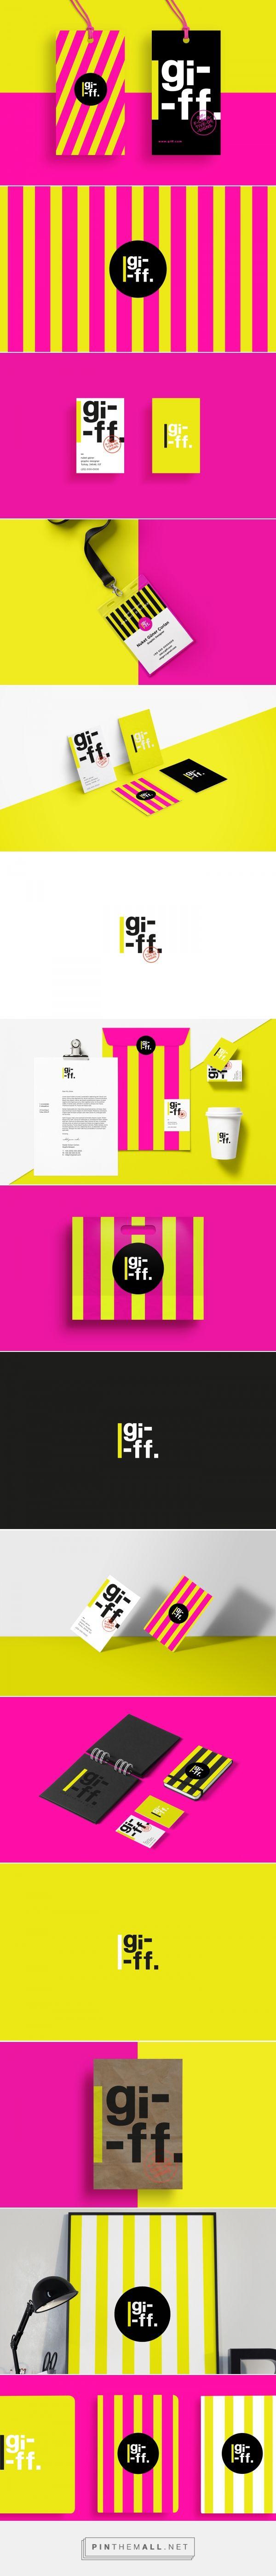 Giff Branding by Nuket Guner Corlan | Fivestar Branding – Design and Branding Agency & Inspiration Gallery